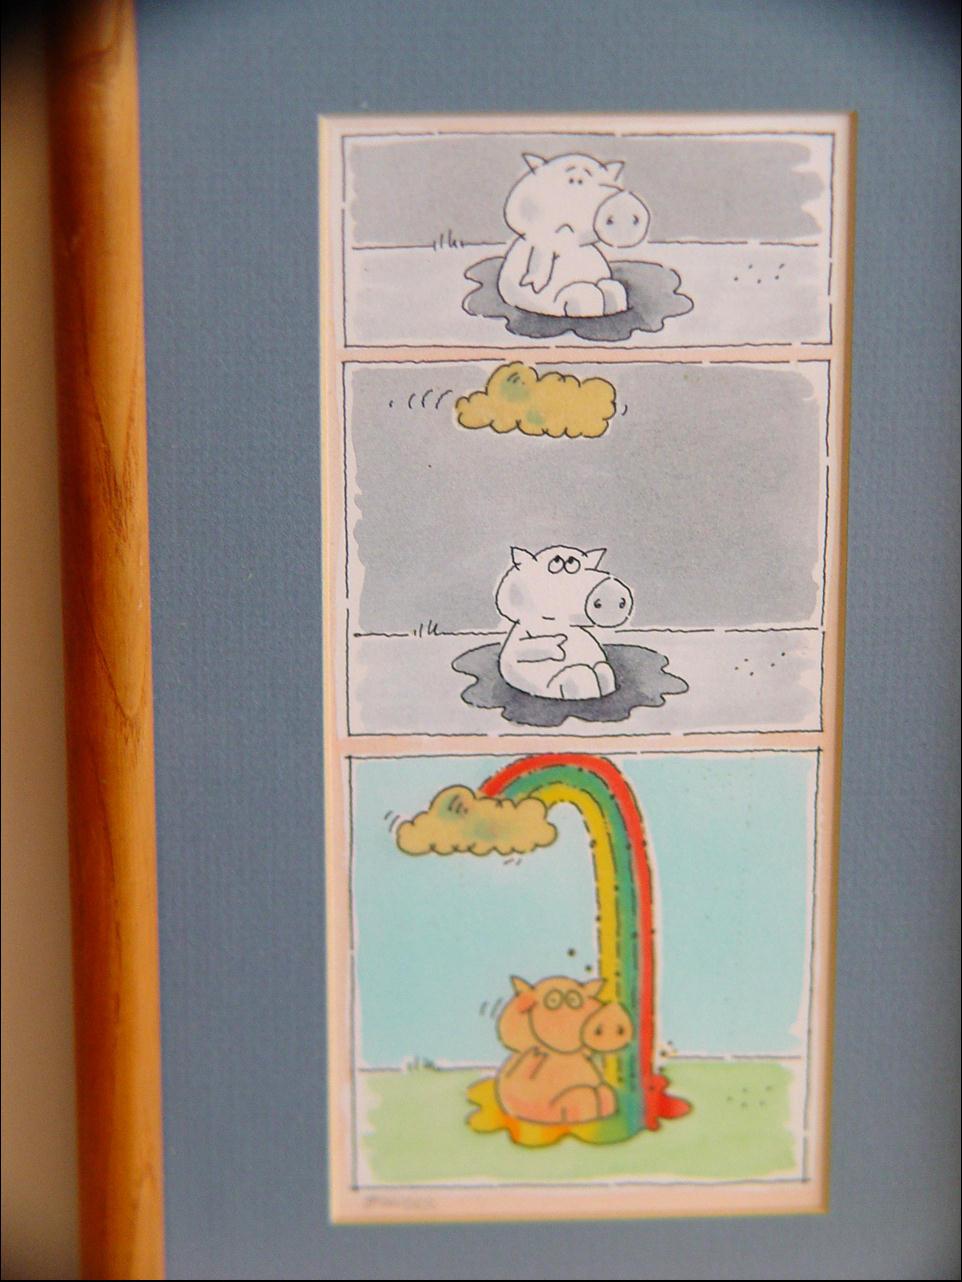 Framed Cartoon Panel Pig Creates a Rainbow Amid a Cloudy Day